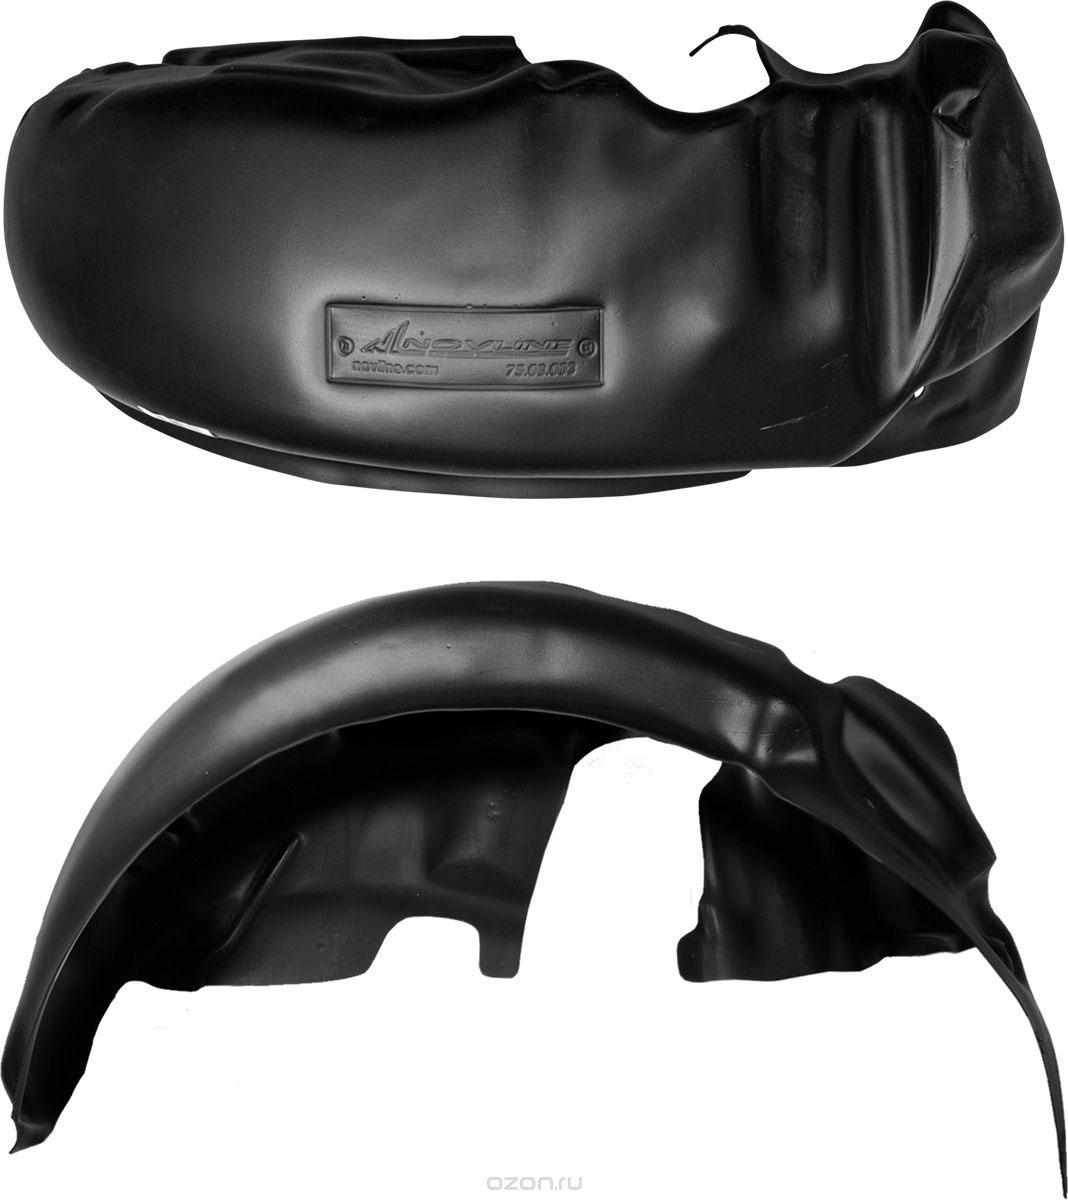 Подкрылок Novline-Autofamily, для TOYOTA Corolla 01/2007-2010, 2010-2013, задний правыйSVC-300Идеальная защита колесной ниши. Локеры разработаны с применением цифровых технологий, гарантируют максимальную повторяемость поверхности арки. Изделия устанавливаются без нарушения лакокрасочного покрытия автомобиля, каждый подкрылок комплектуется крепежом. Уважаемые клиенты, обращаем ваше внимание, что фотографии на подкрылки универсальные и не отражают реальную форму изделия. При этом само изделие идет точно под размер указанного автомобиля.